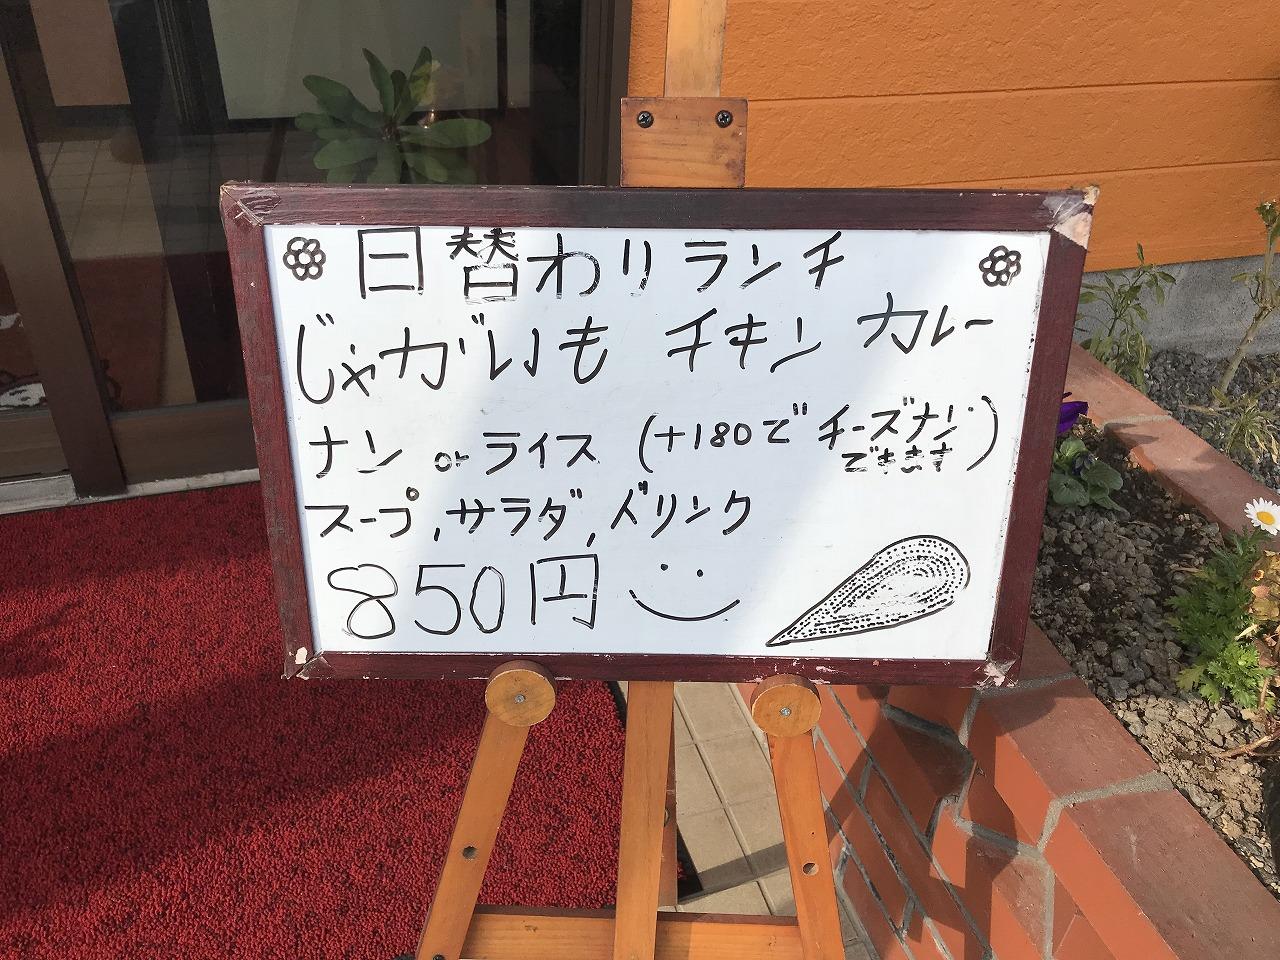 ムーナ佐土原店の日替わりランチ